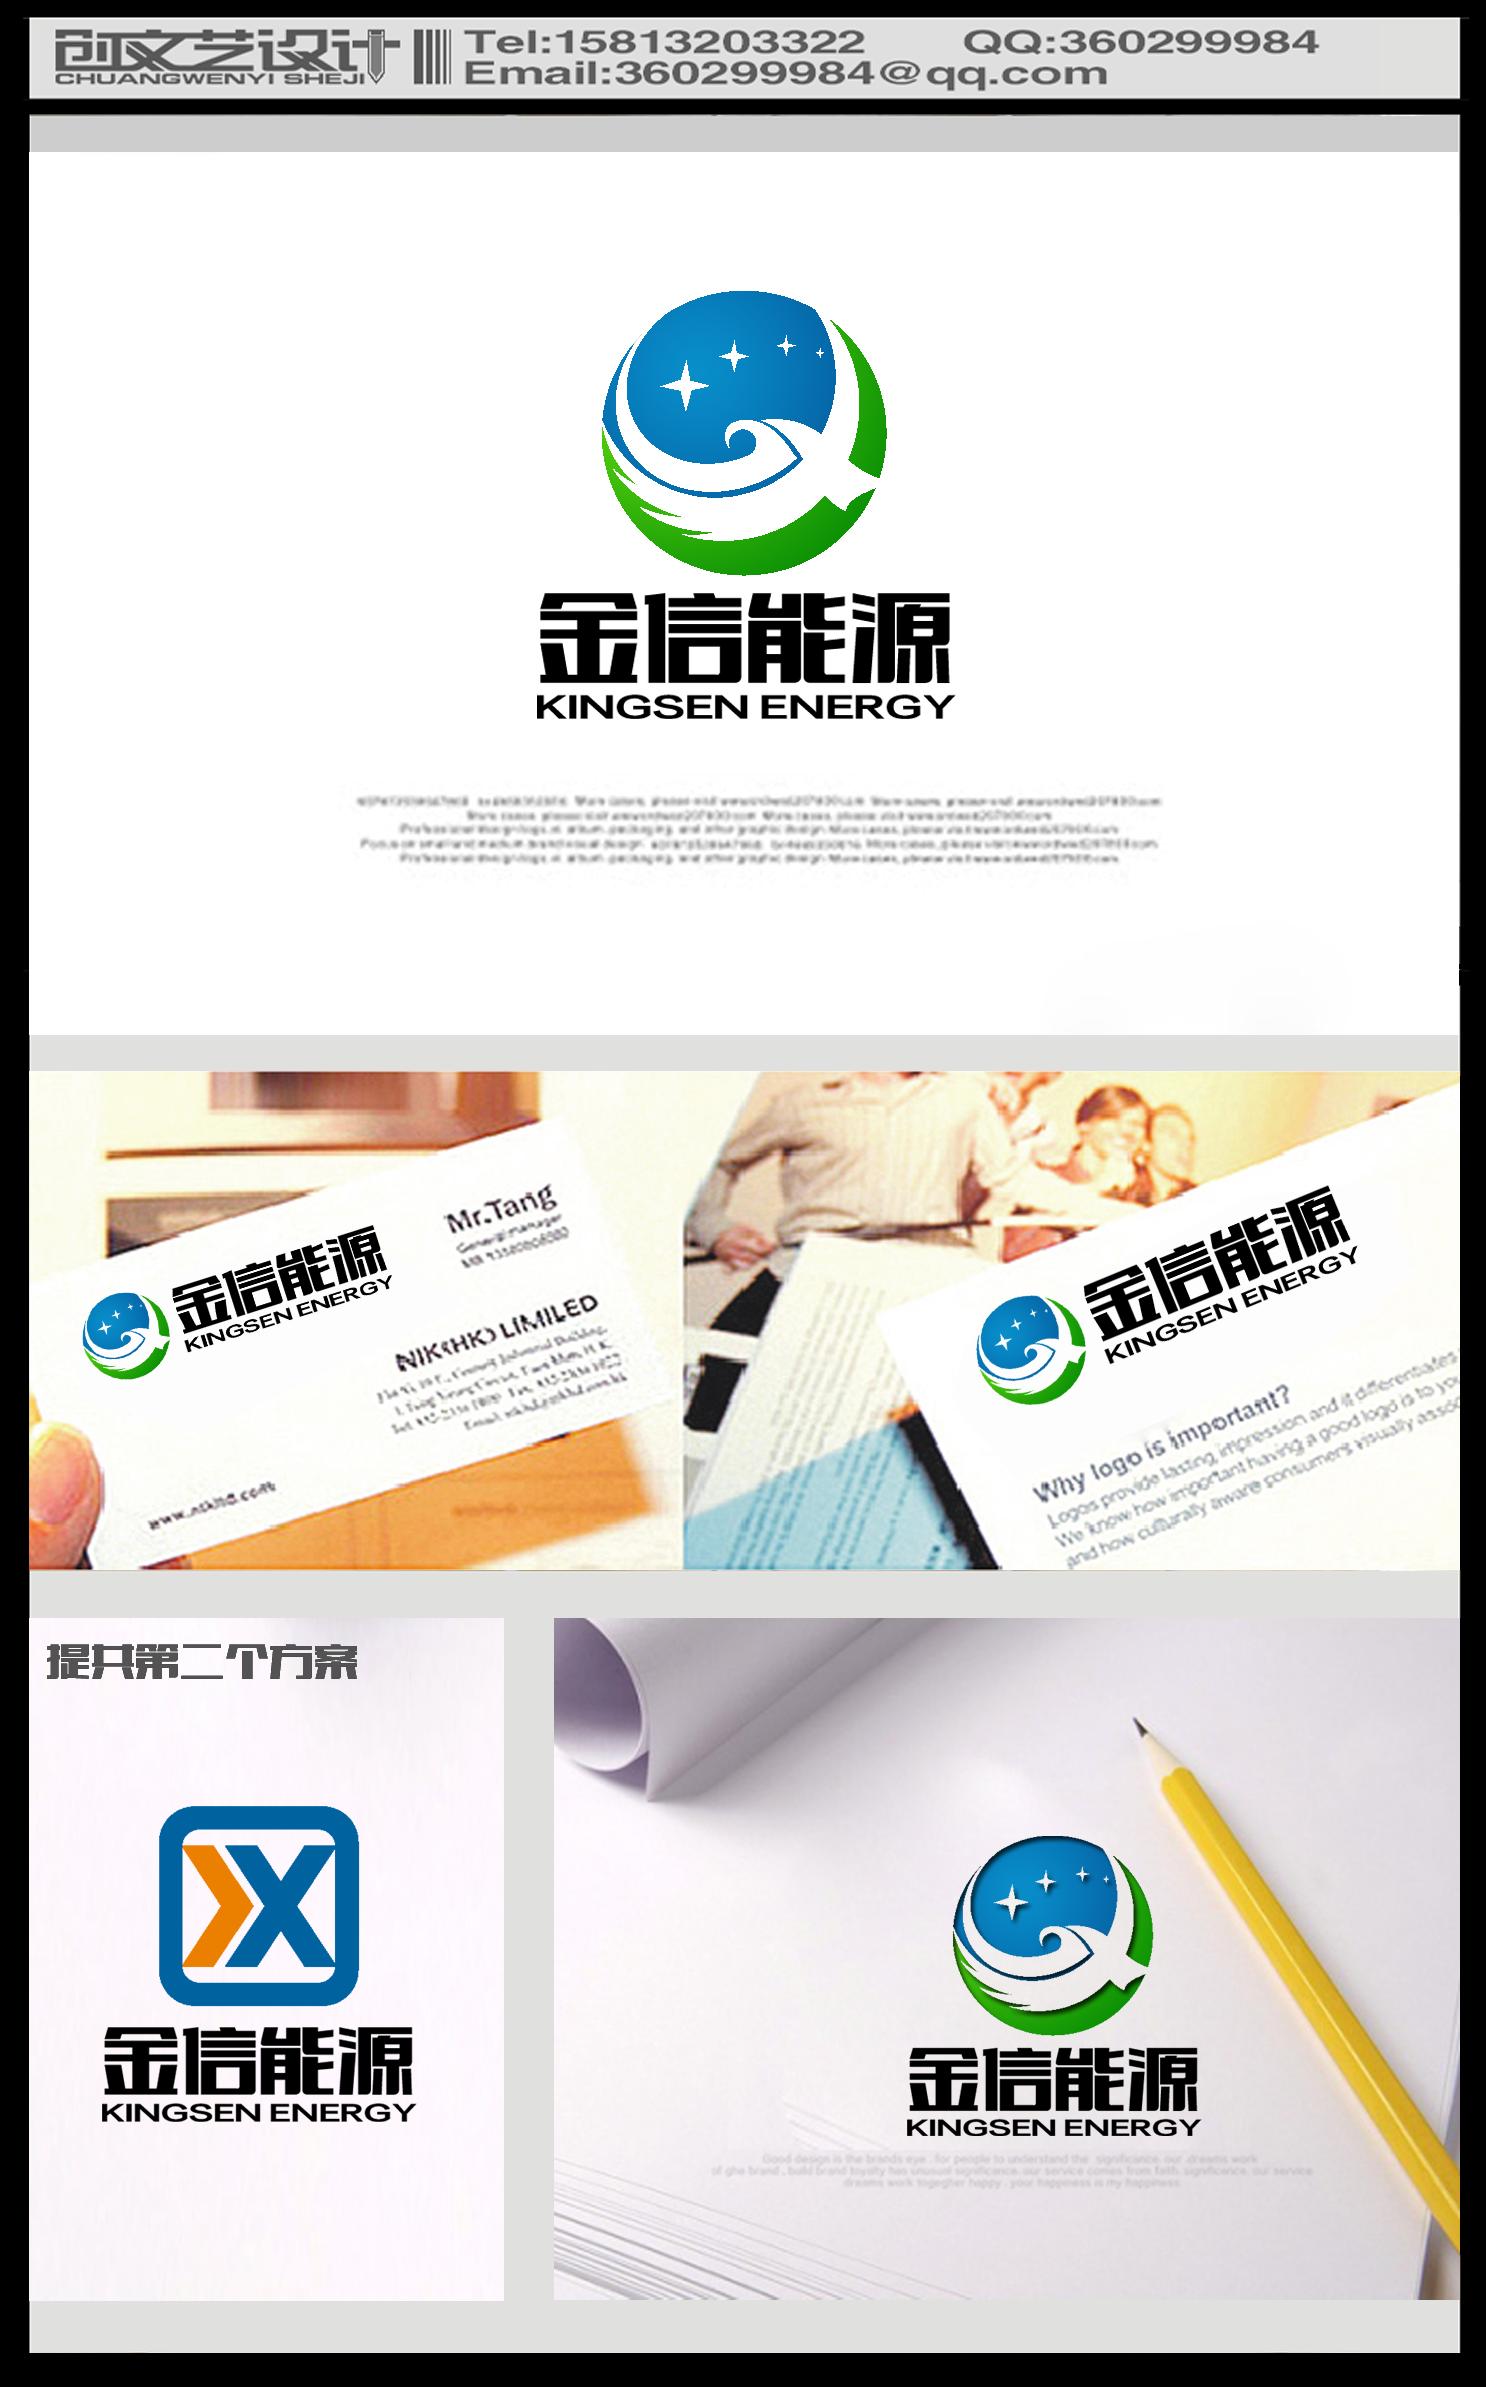 新能源(光伏发电,风电)企业logo设计图片